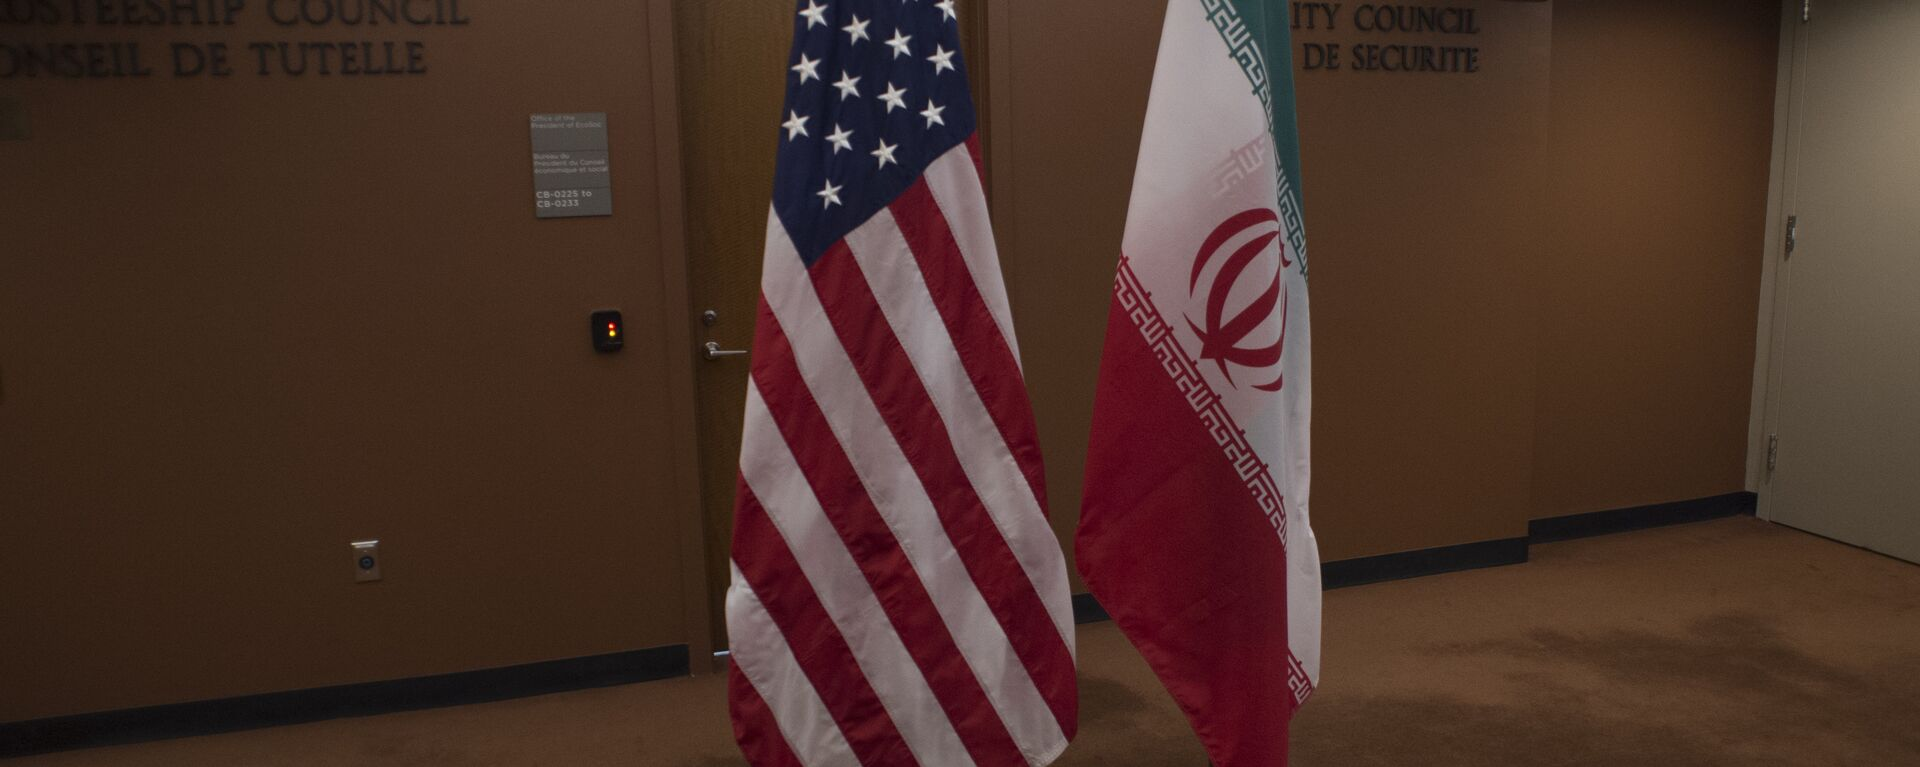 Banderas de EEUU e Irán - Sputnik Mundo, 1920, 05.02.2021